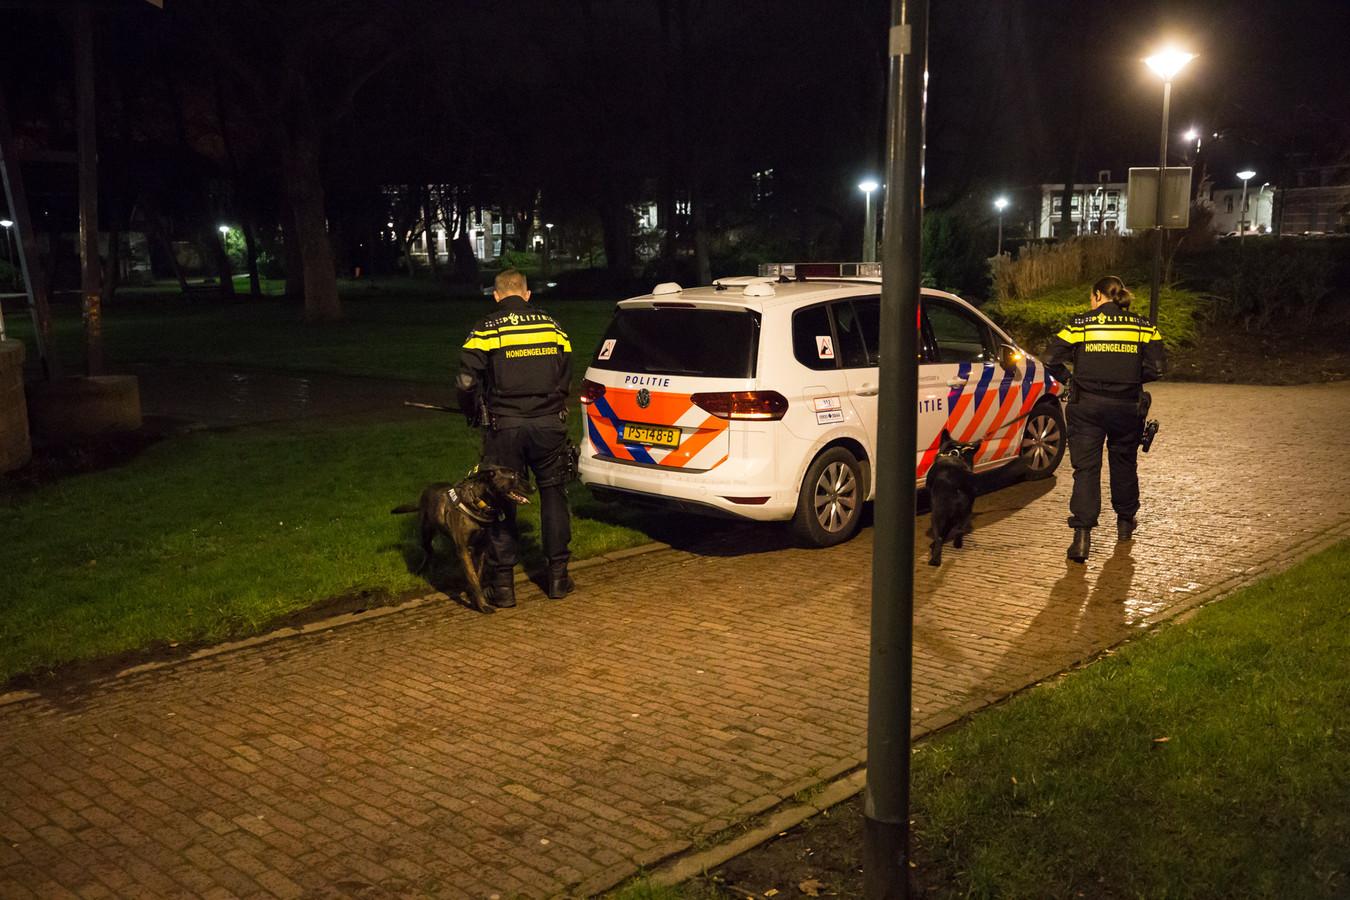 De politie moest eerder dit jaar nog uitrukken voor verschillende incidenten in het stadspark.